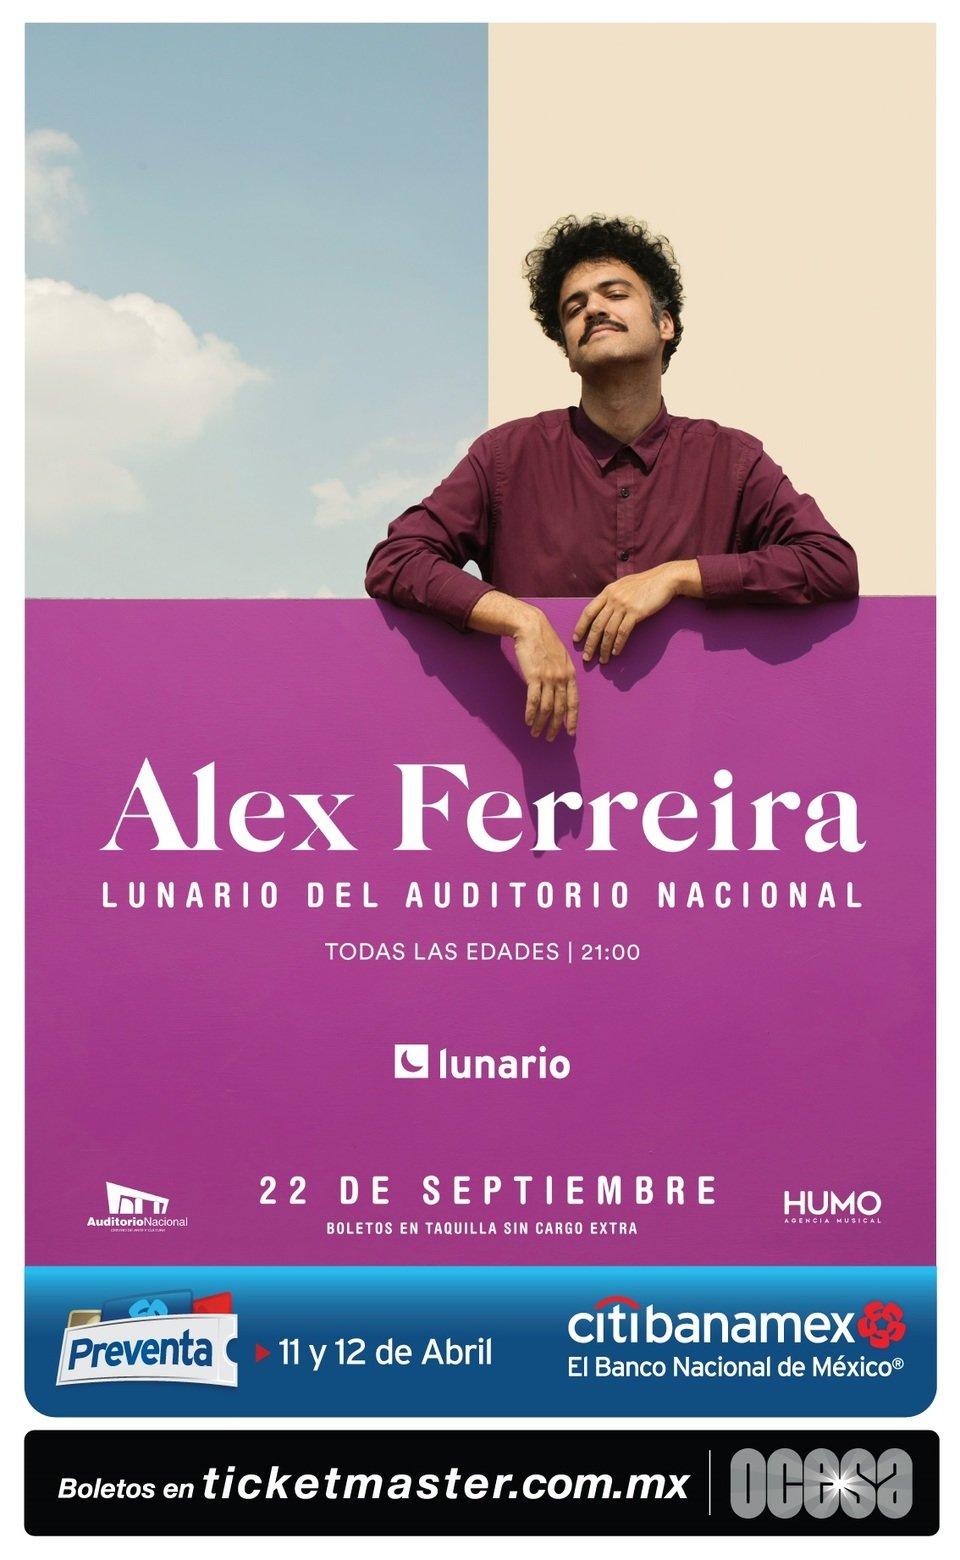 Alex Ferreira 2018.jpg